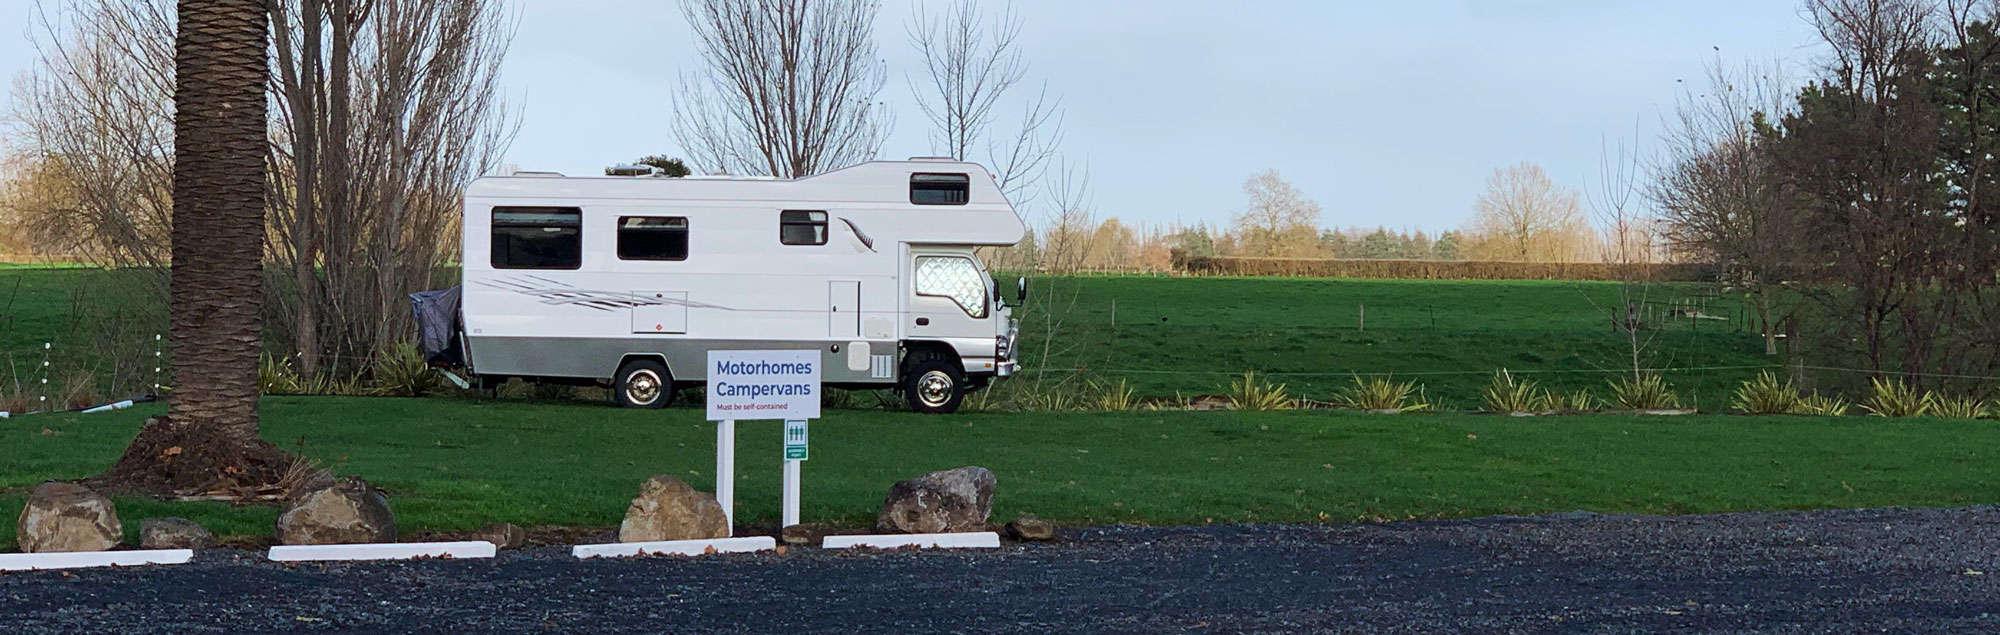 Campervan-Parking-web2